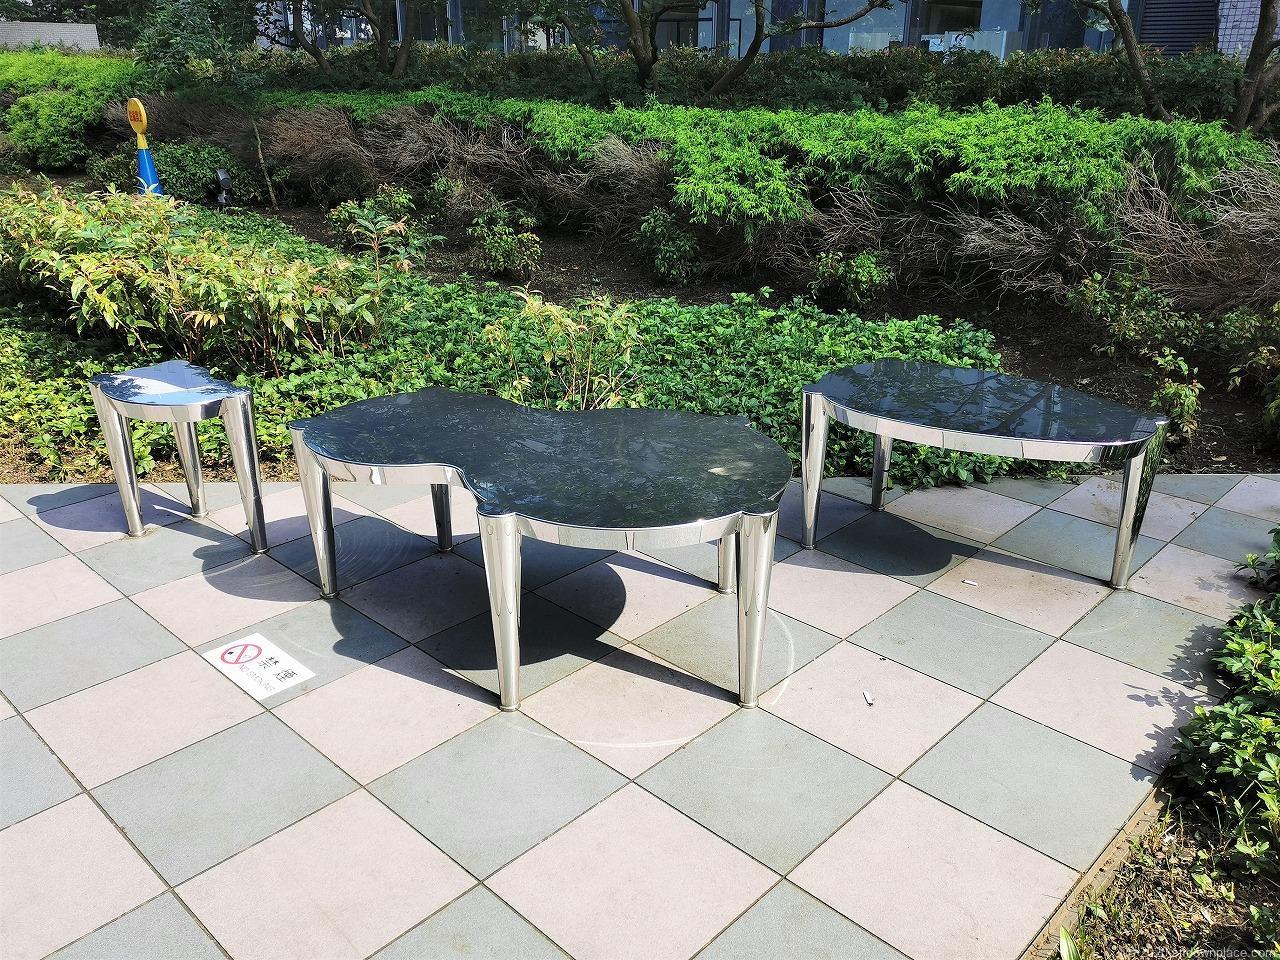 武蔵小杉駅 タワープレイス公開空地の休憩場所のおしゃれな鉄製ベンチ1